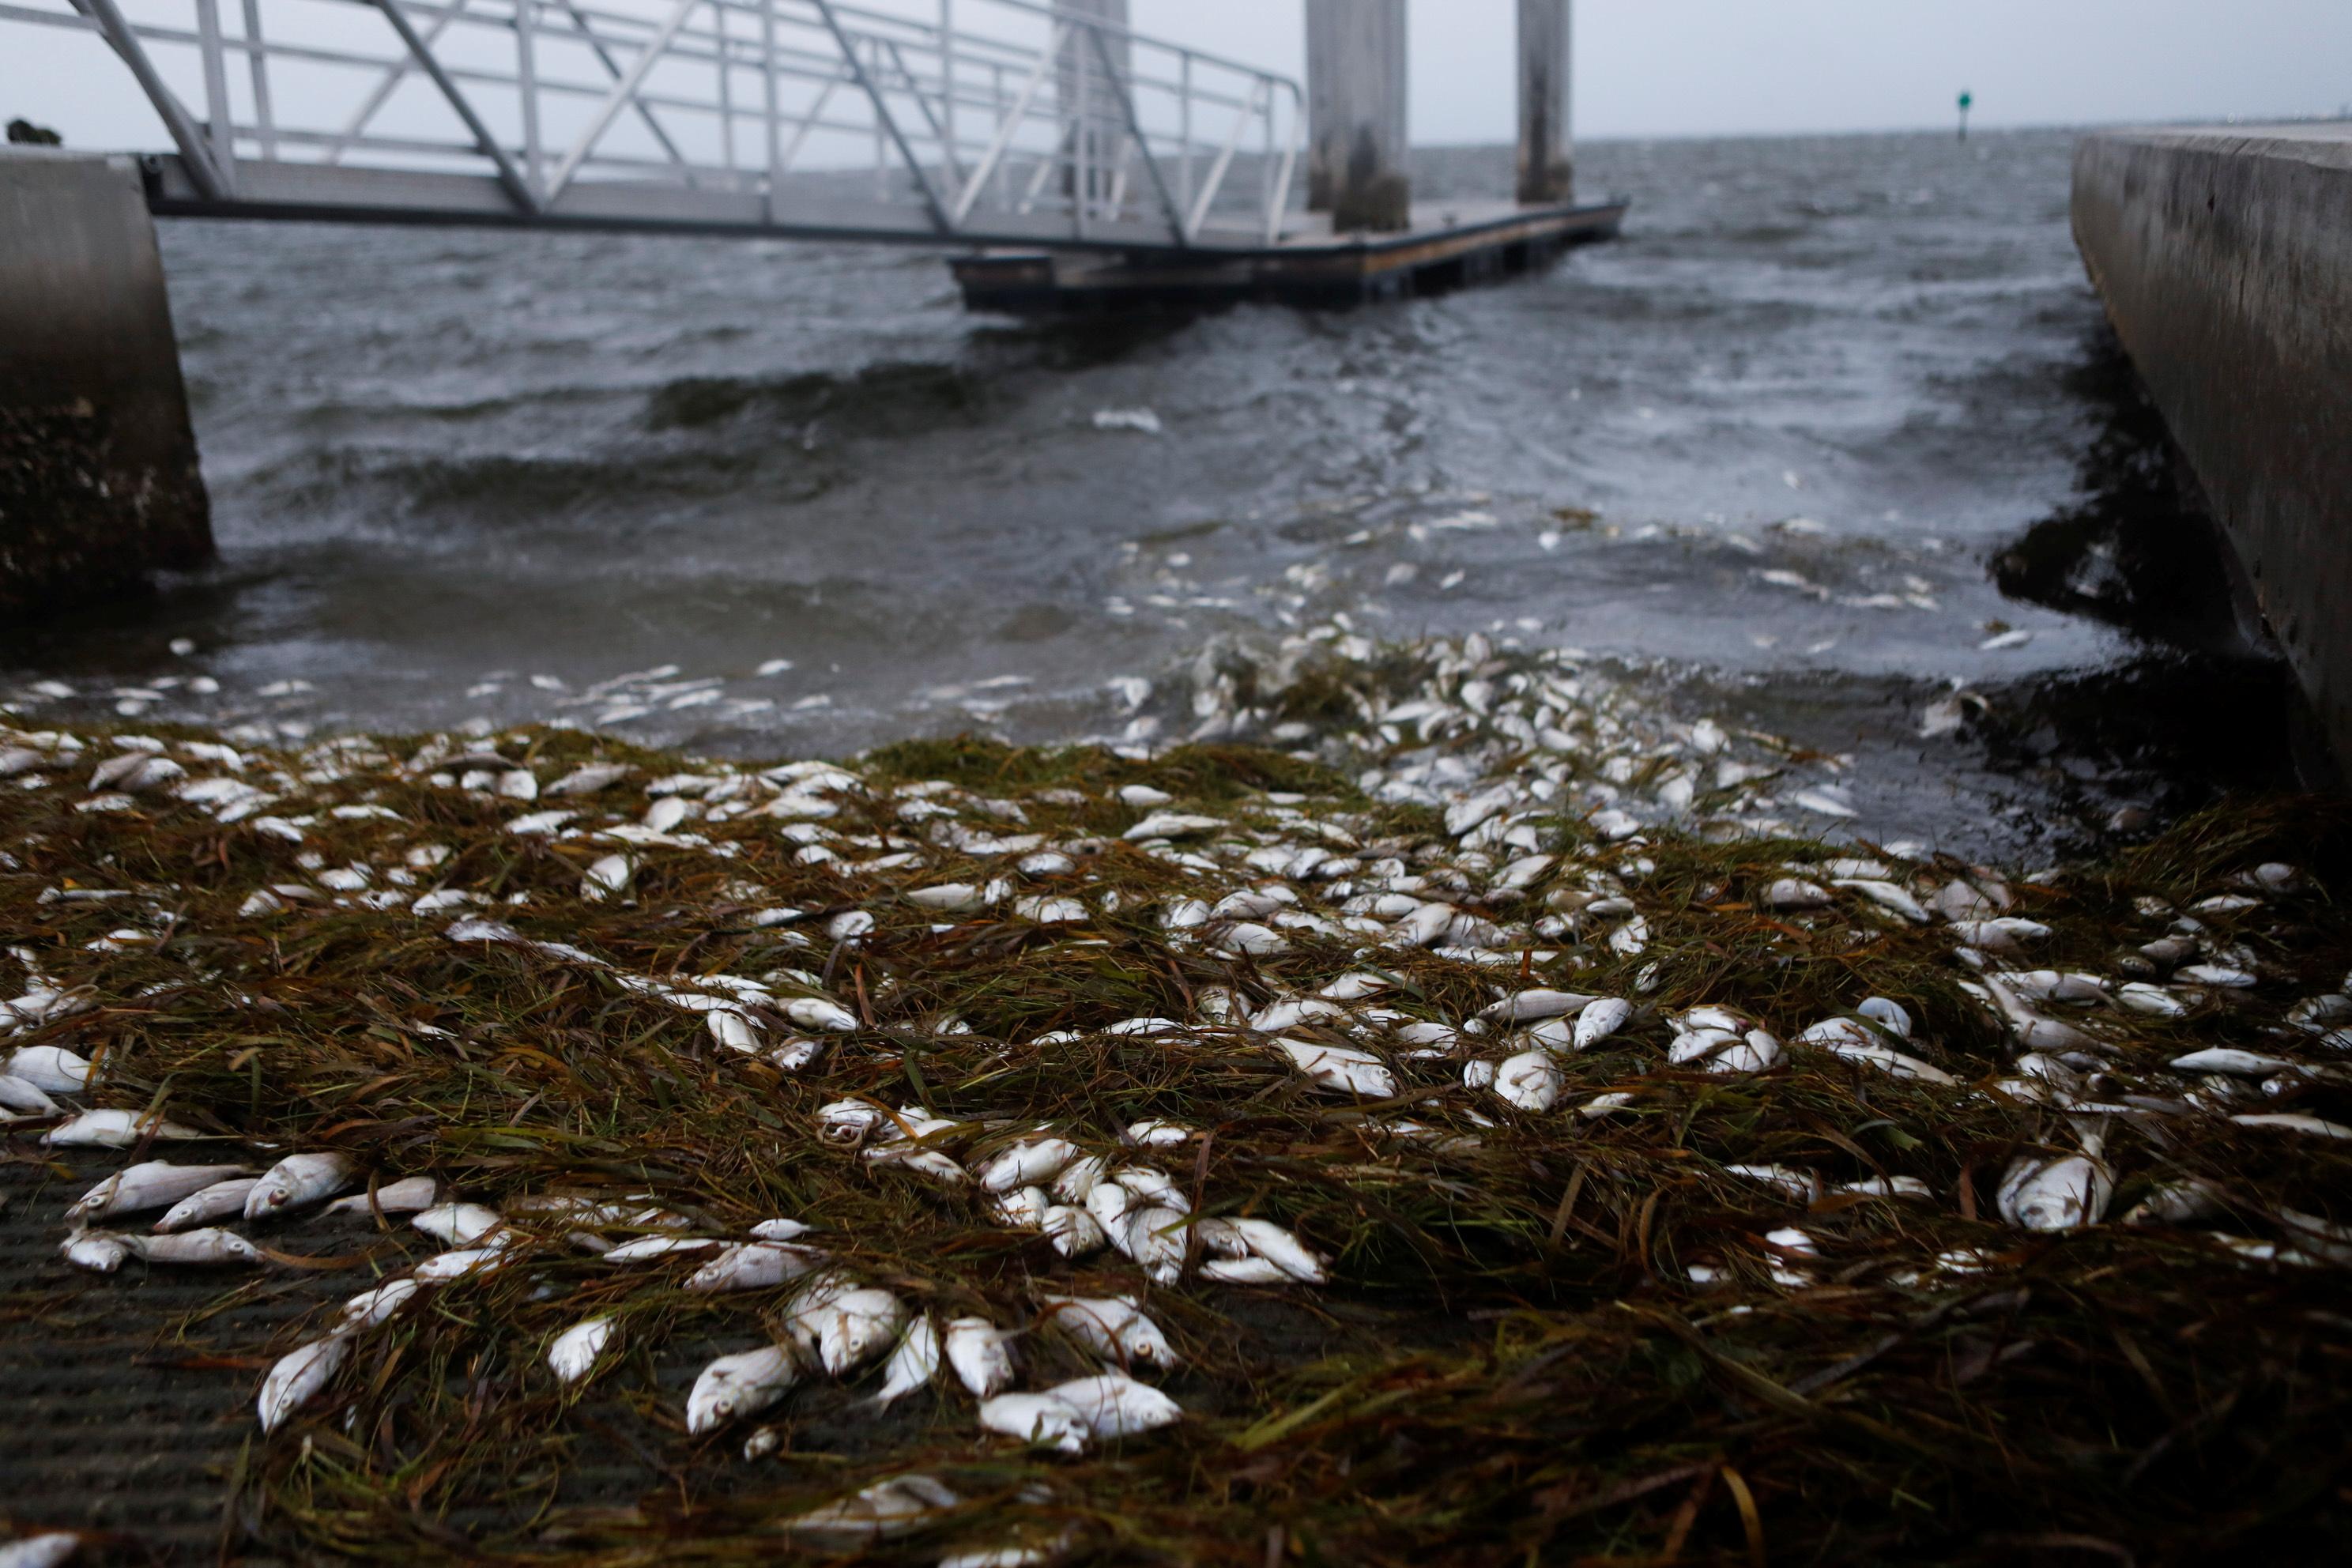 Se ven peces muertos en Bay Vista Park, mientras Elsa se fortaleció hasta convertirse en un huracán de categoría 1 horas antes de que tocara tierra en la costa norte del Golfo de Florida, en San Petersburgo, Florida, EE. UU. El 6 de julio de 2021. REUTERS / Octavio Jones